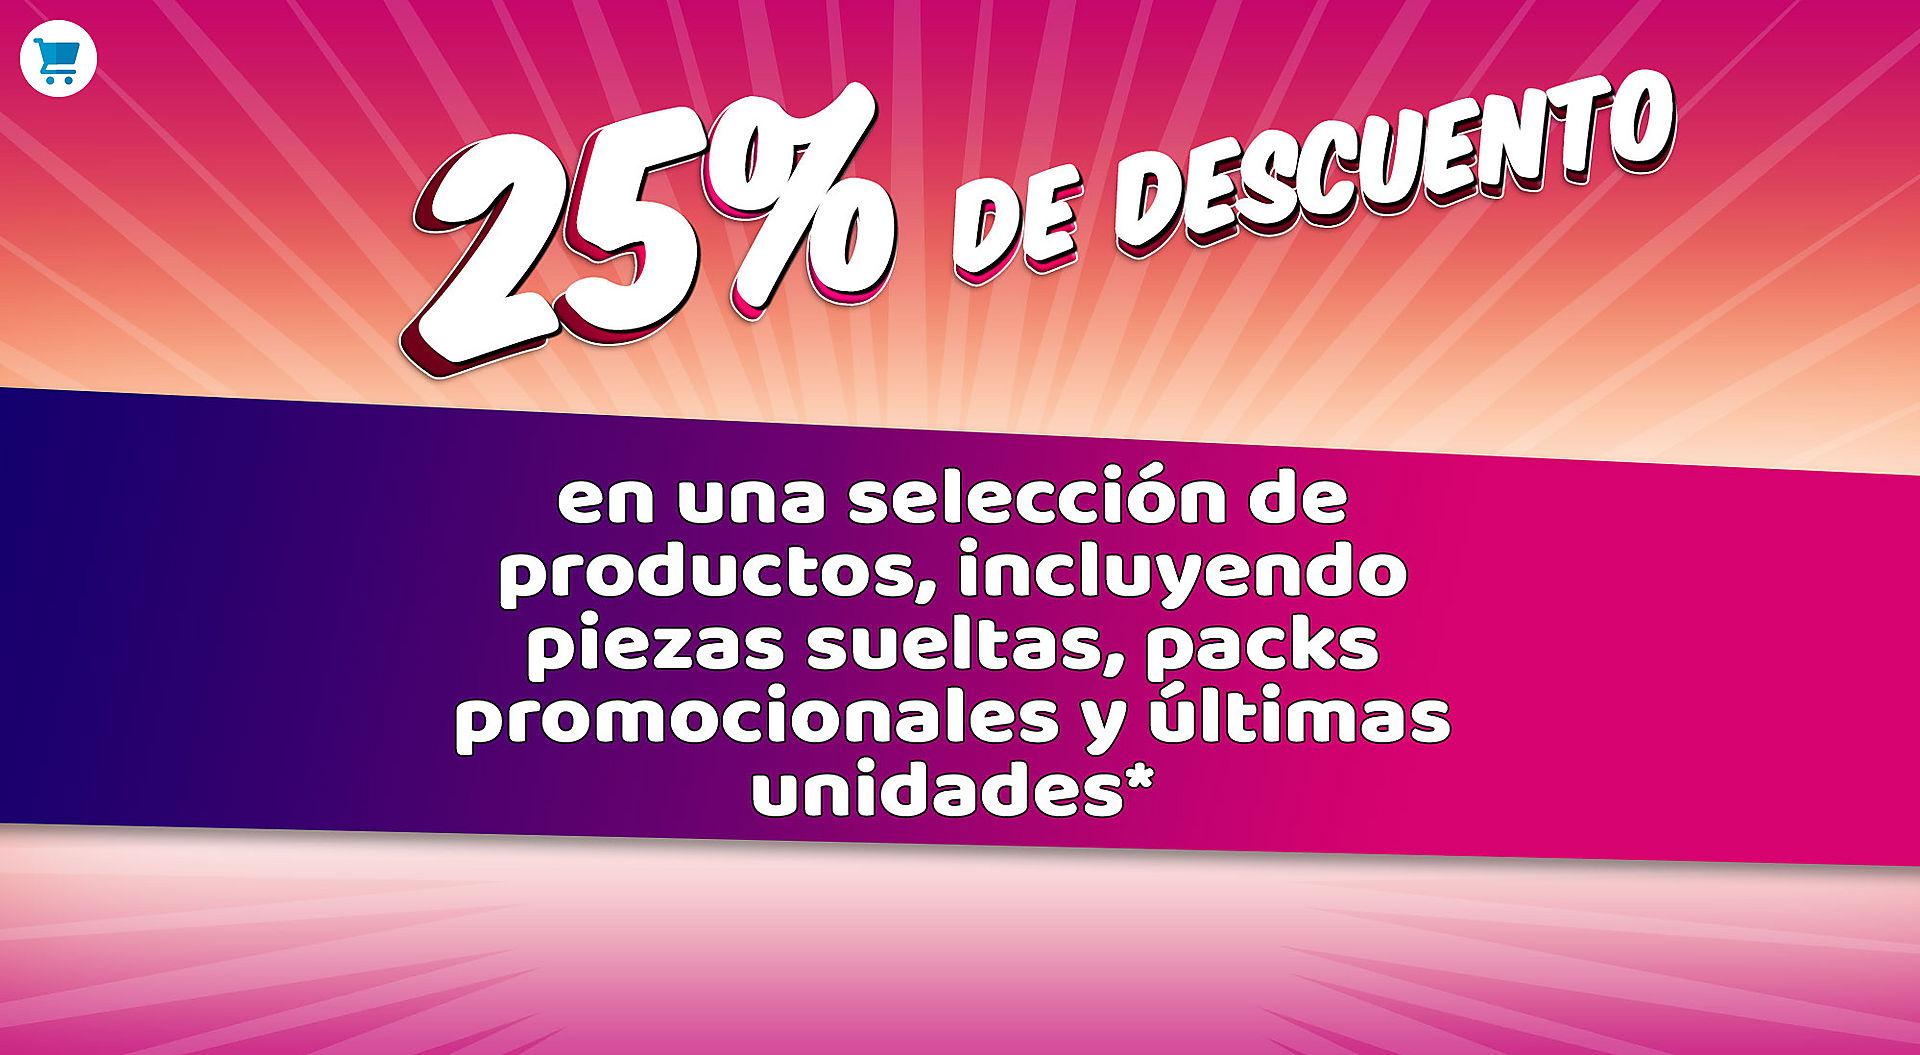 Descuento del 25% en Playmobil.es